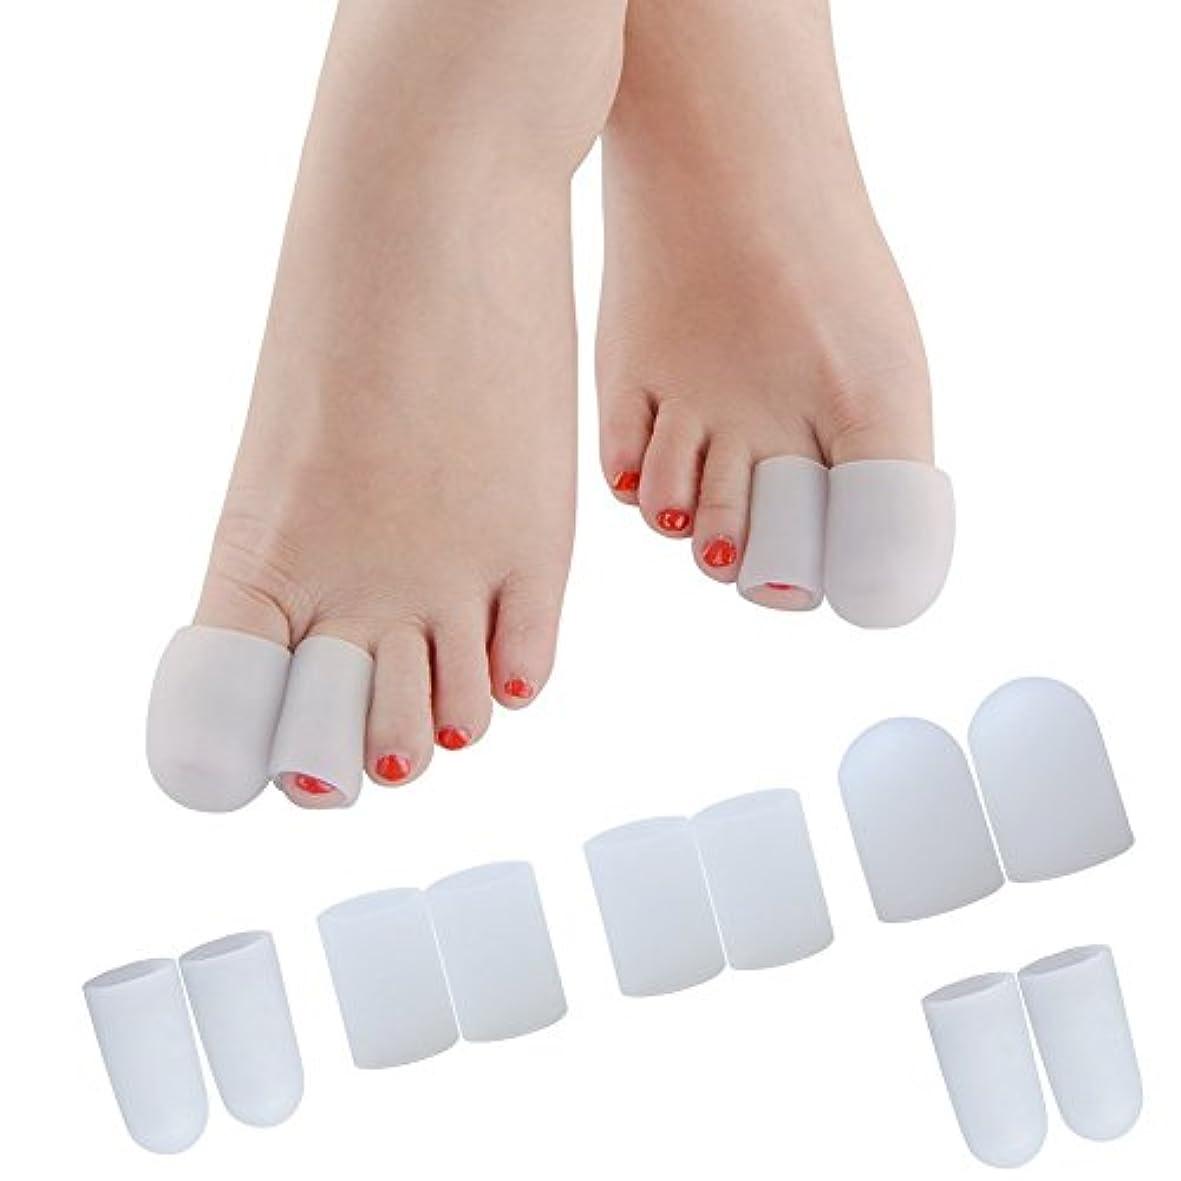 漫画教義簡単にPovihome 足指 足爪 保護キャップ 親指, 足先のつめ保護キャップ, つま先キャップ 白い 5ペア,足指保護キャップ